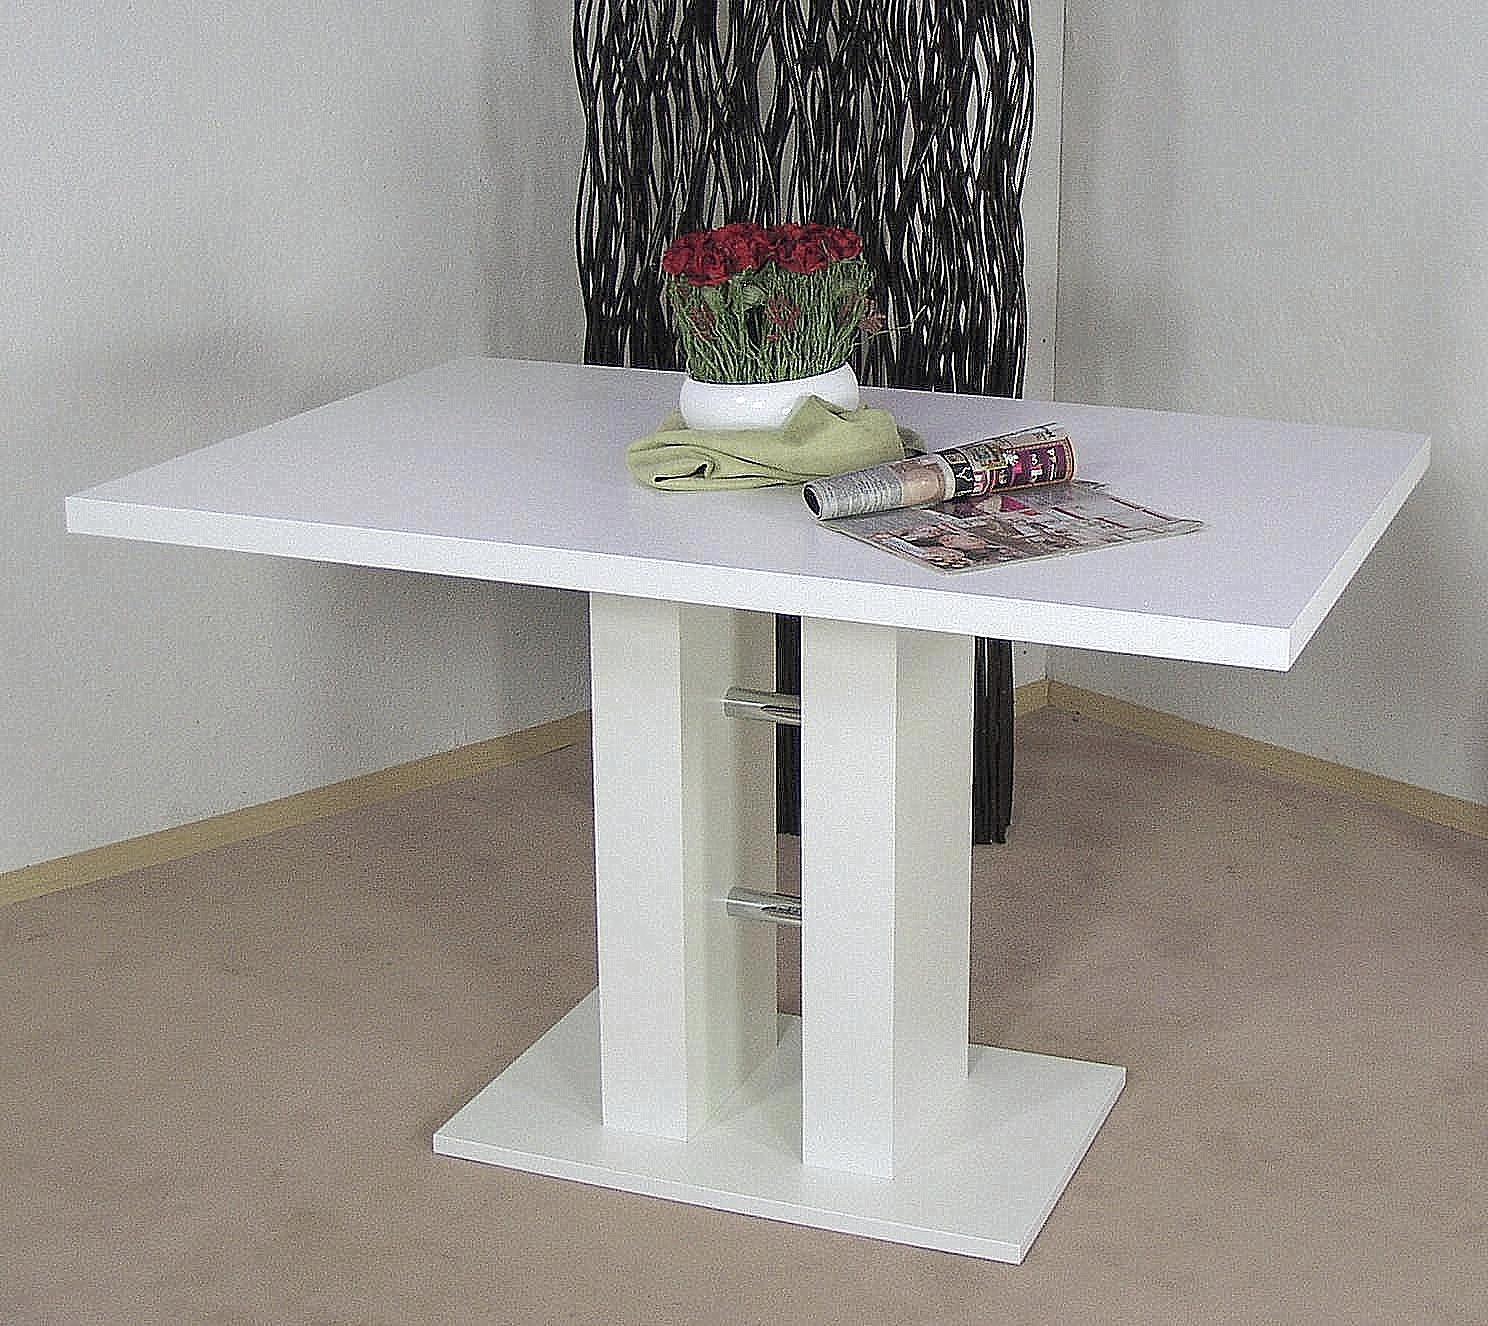 Säulentisch Eckbanktisch weiß Esstisch Esszimmertisch Tisch ...